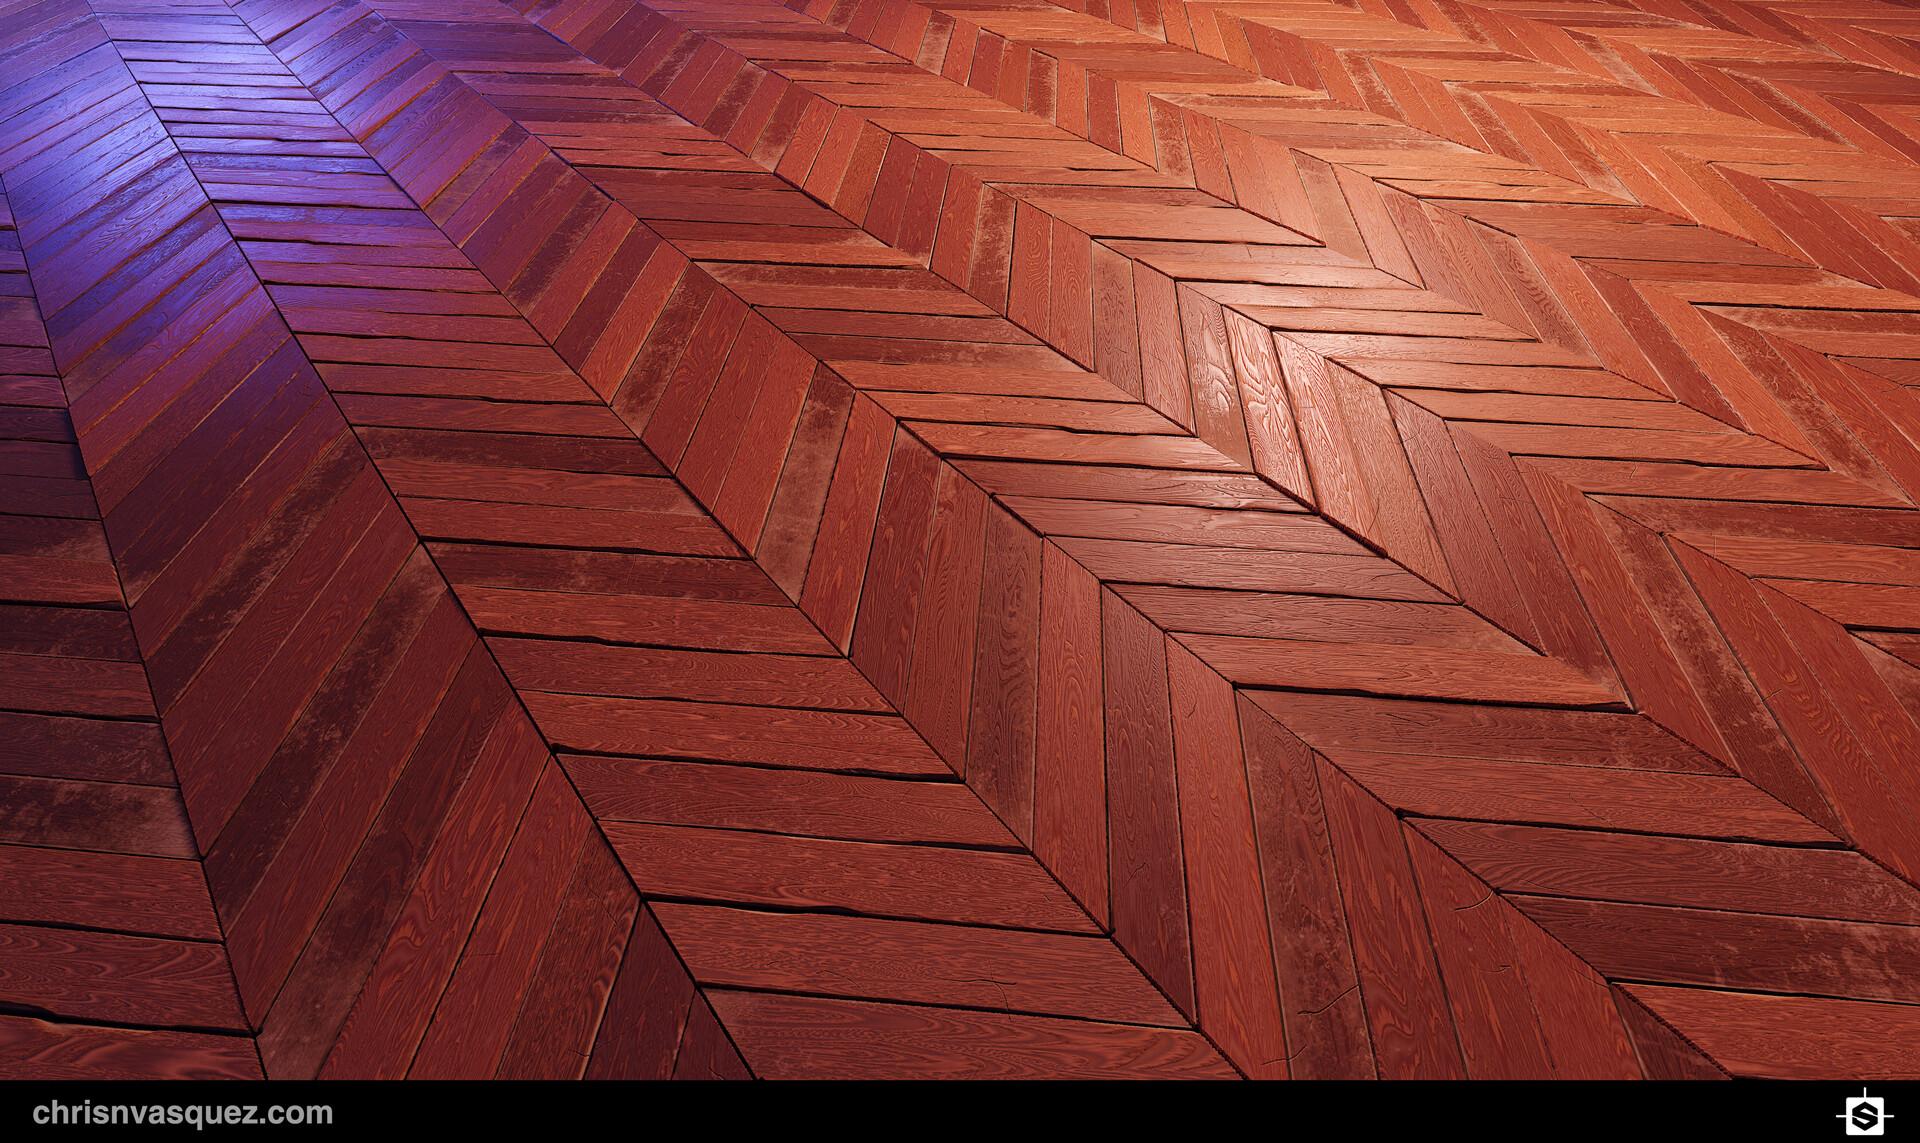 Christian vasquez mountainsunset floor